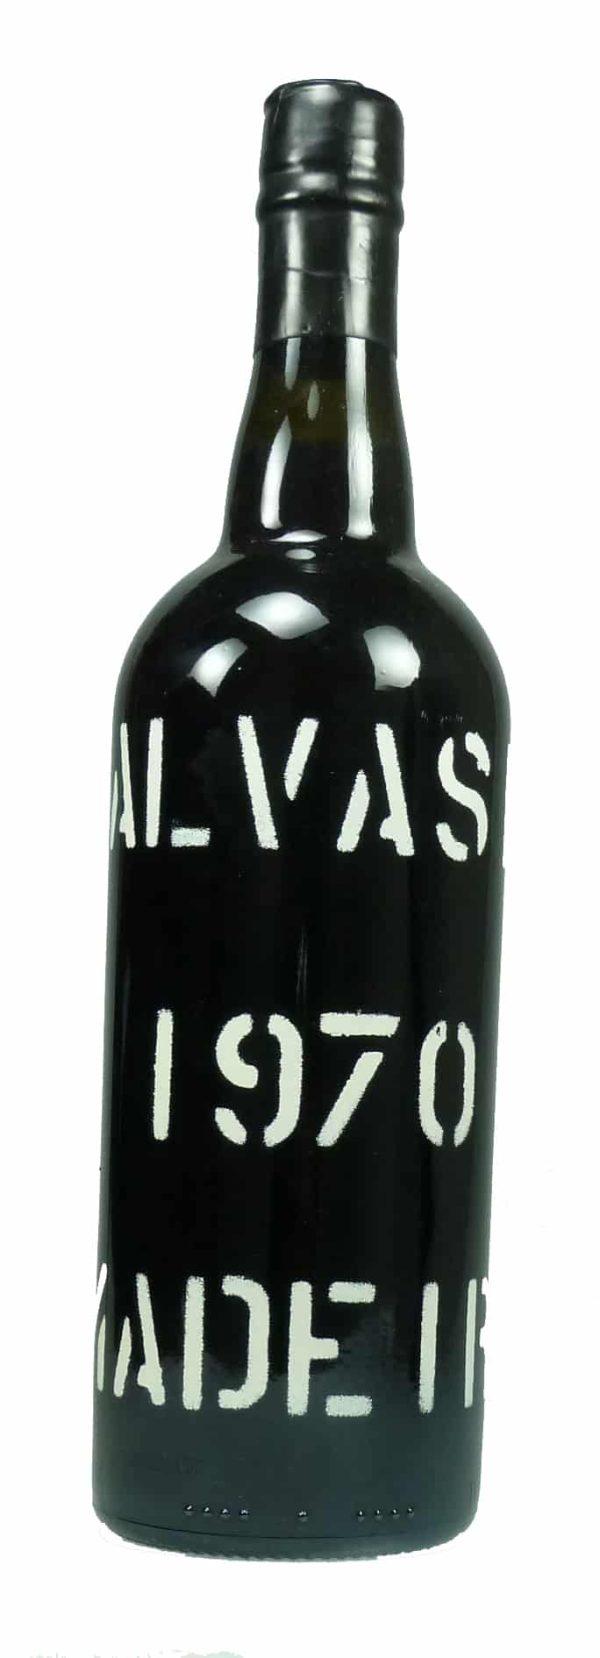 Malvazia Barbeito-MBV 1970